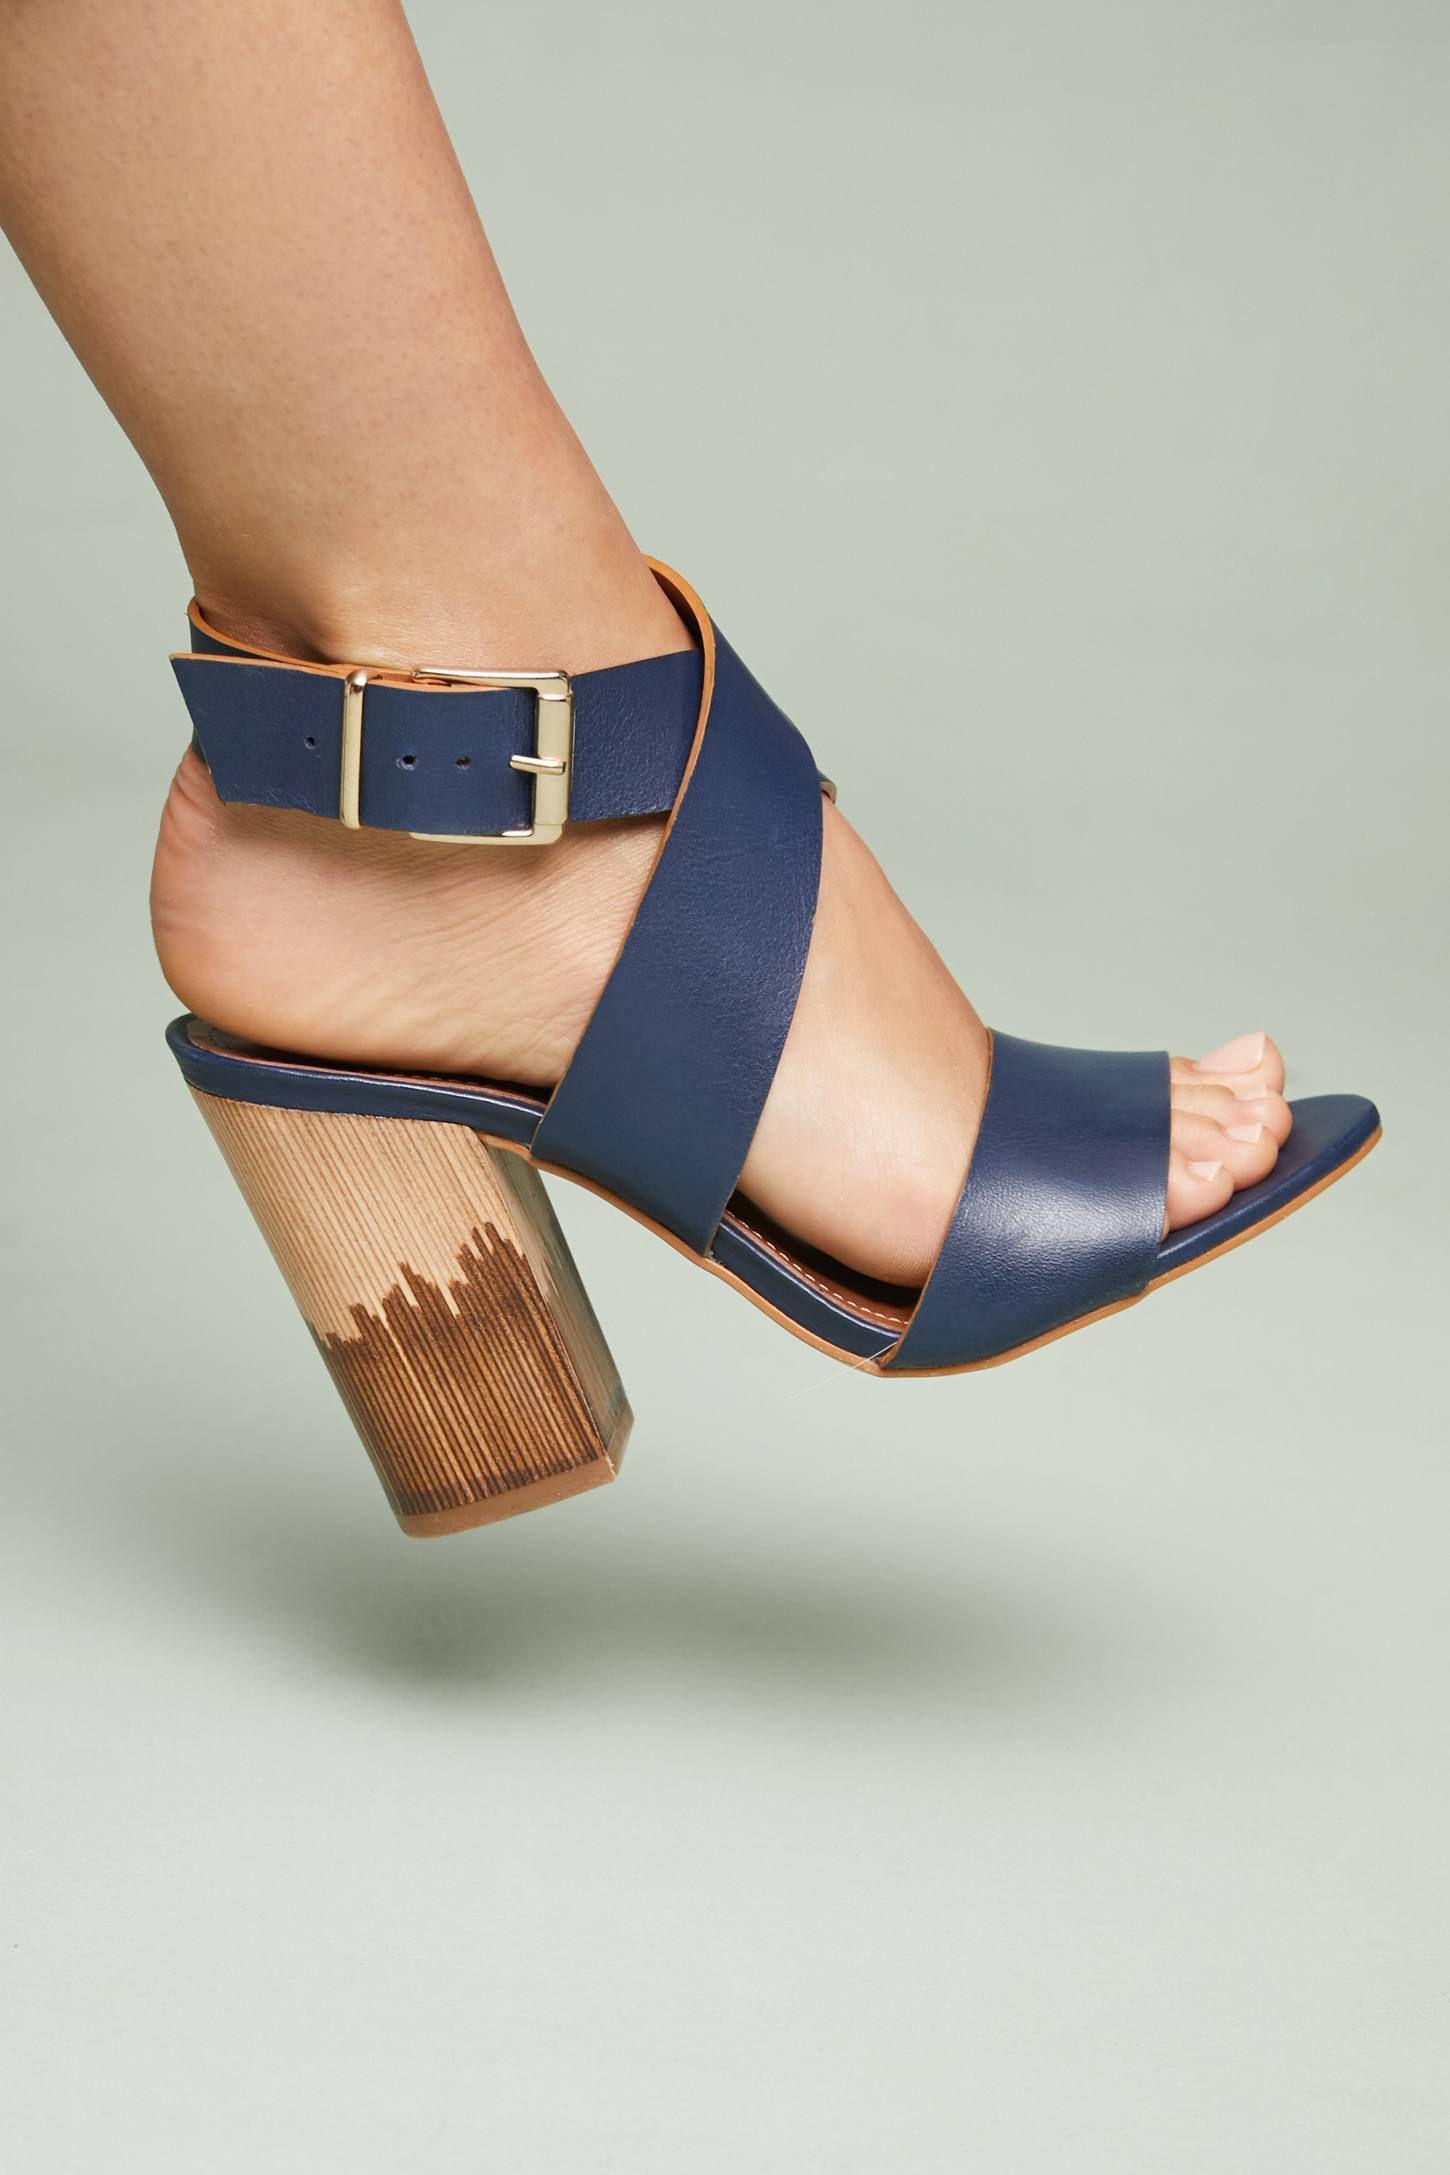 Raphaella Booz Malia Heels Top women shoes, Heels